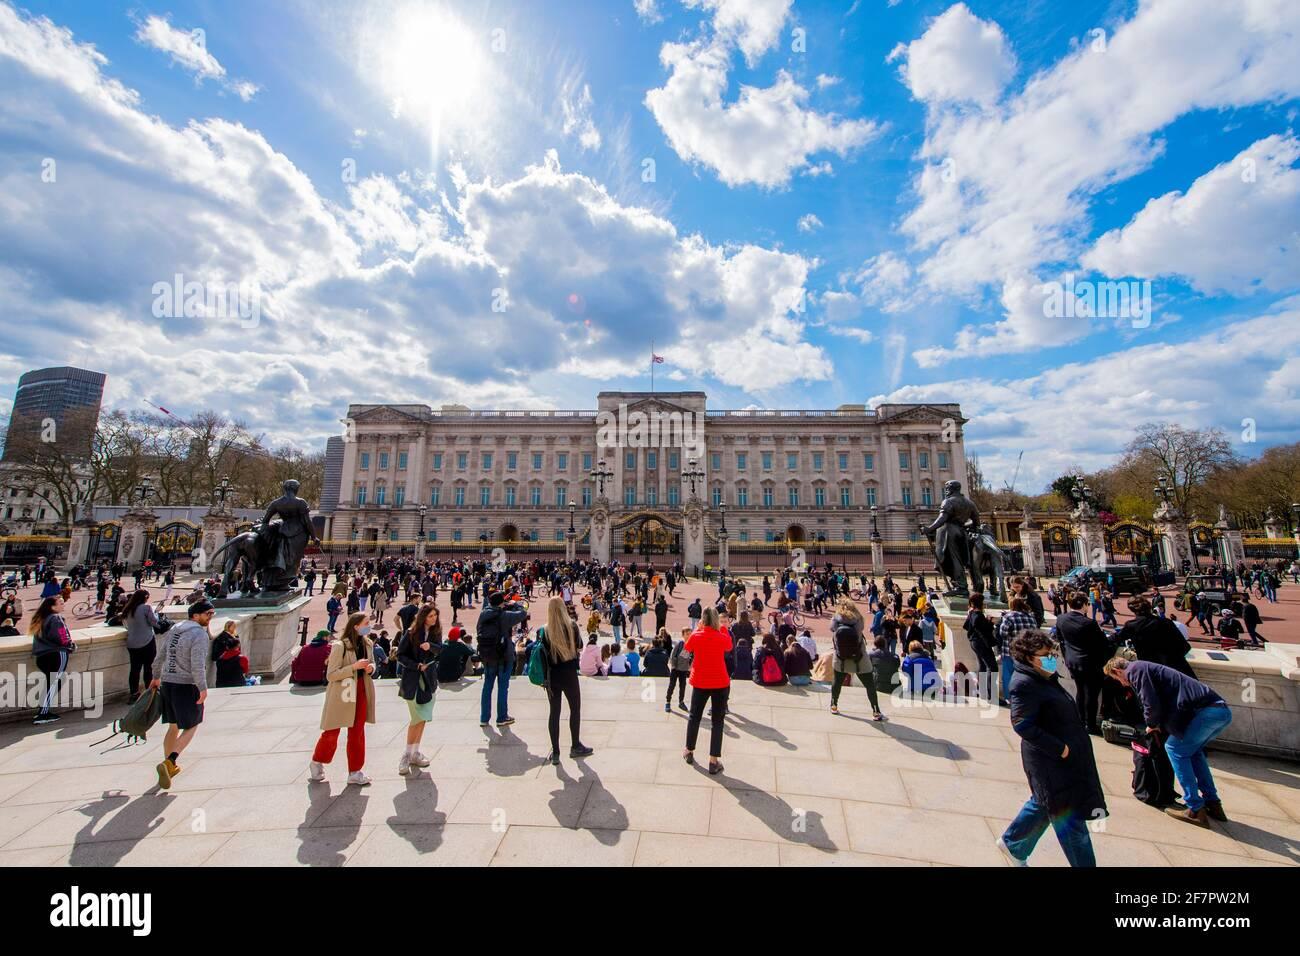 La gente si riunisce fuori Buckingham Palace, Londra, dopo l'annuncio della morte del duca di Edimburgo all'età di 99 anni. Data immagine: Venerdì 9 aprile 2021. Foto Stock